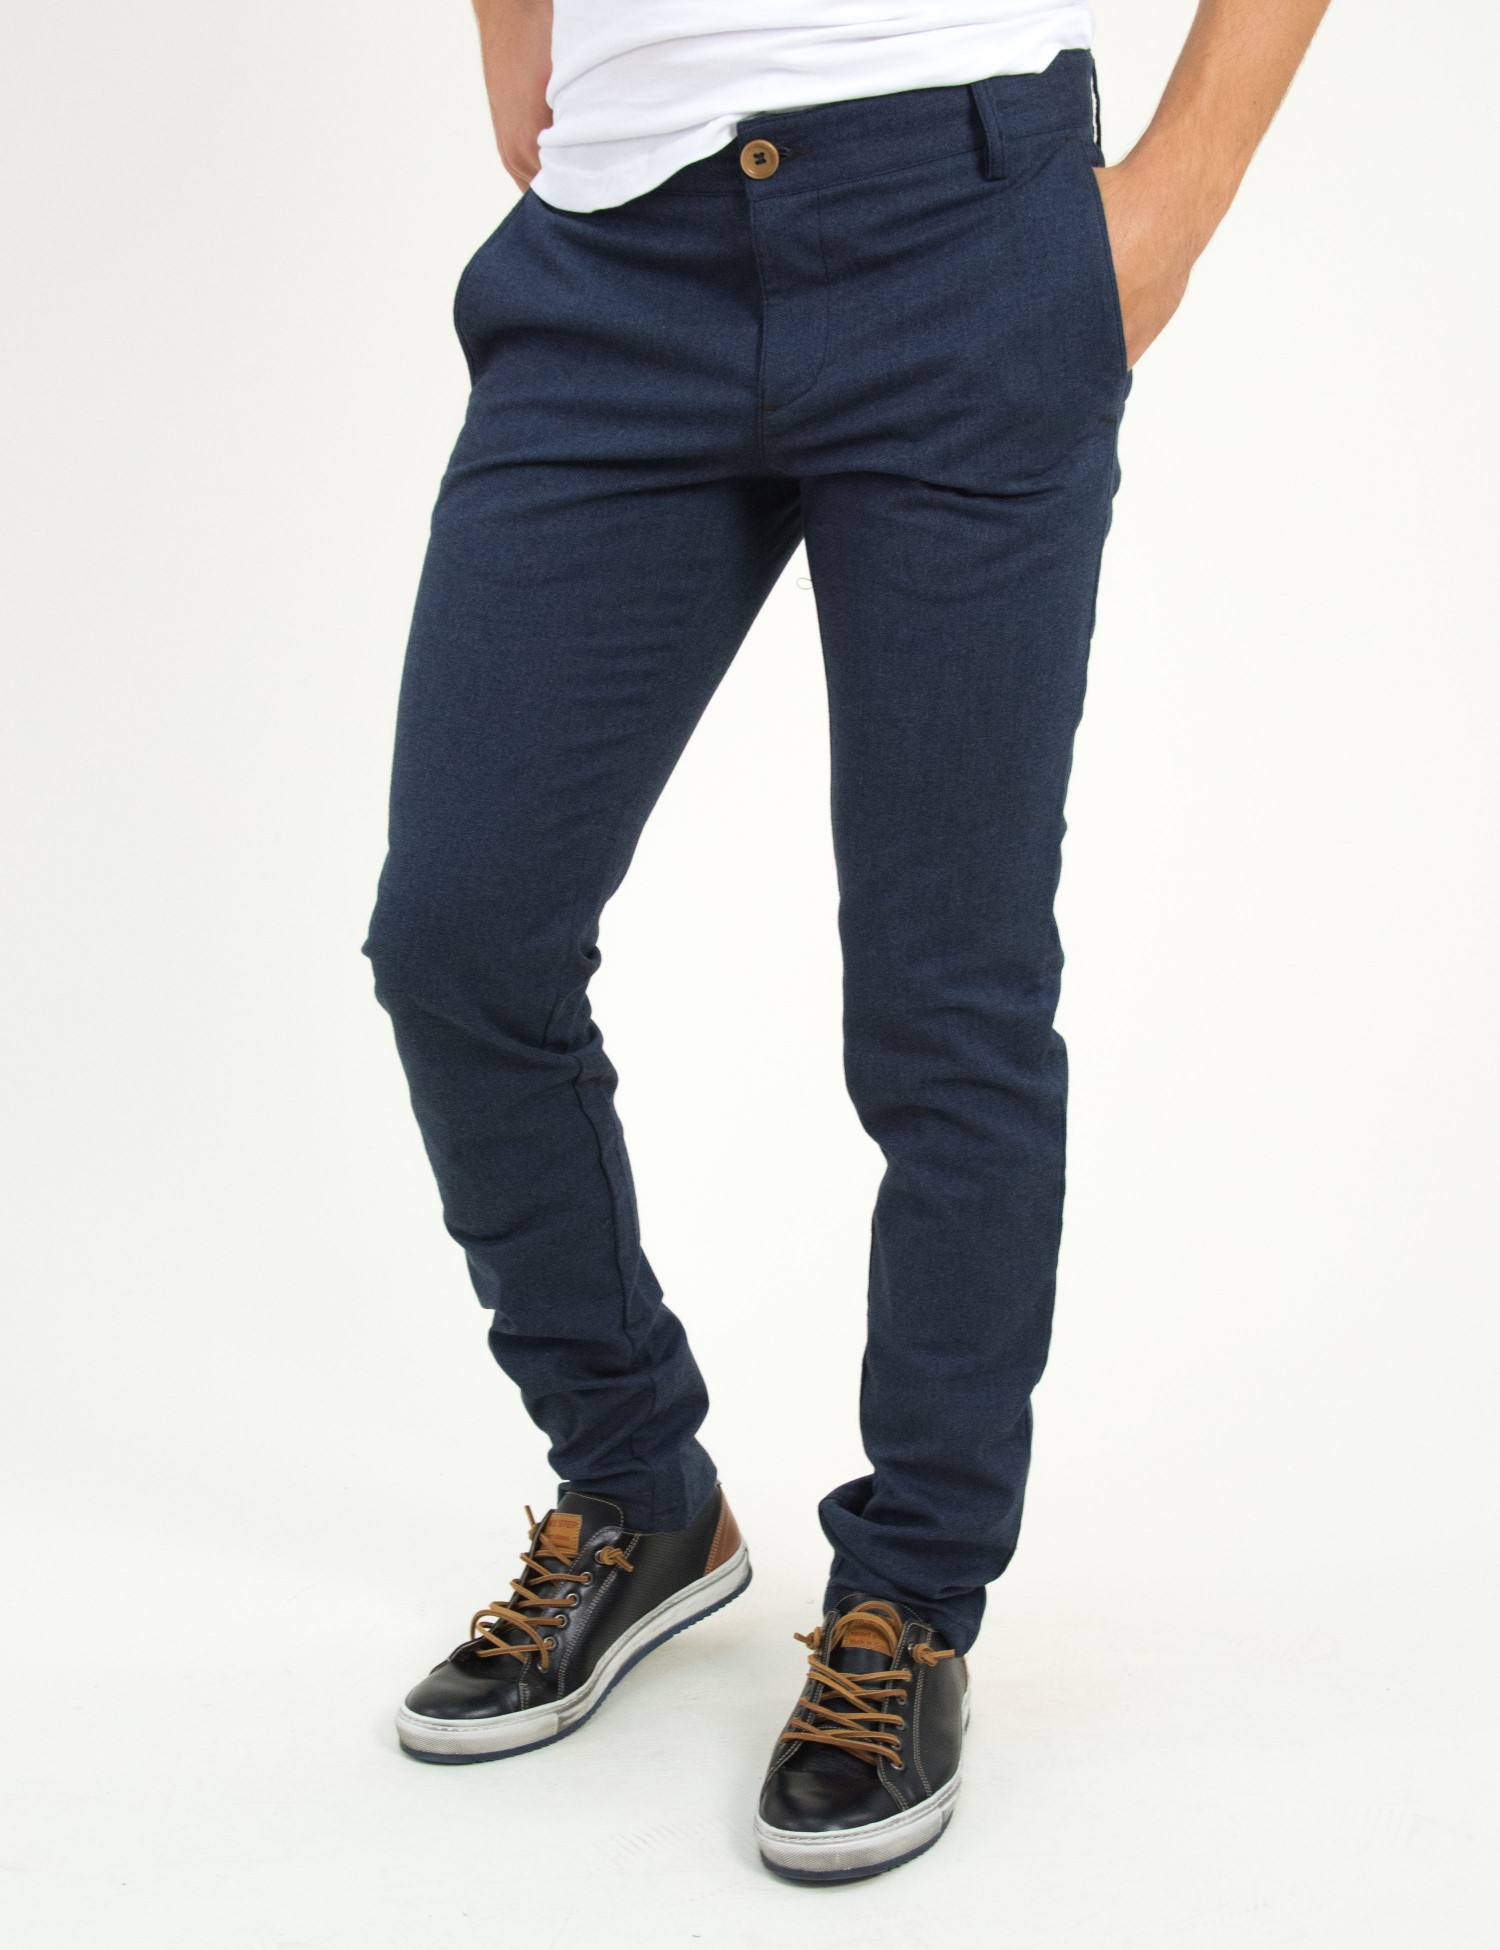 Ανδρικό υφασμάτινο παντελόνι μπλε GioS 6723W18 f9e746a9ec6